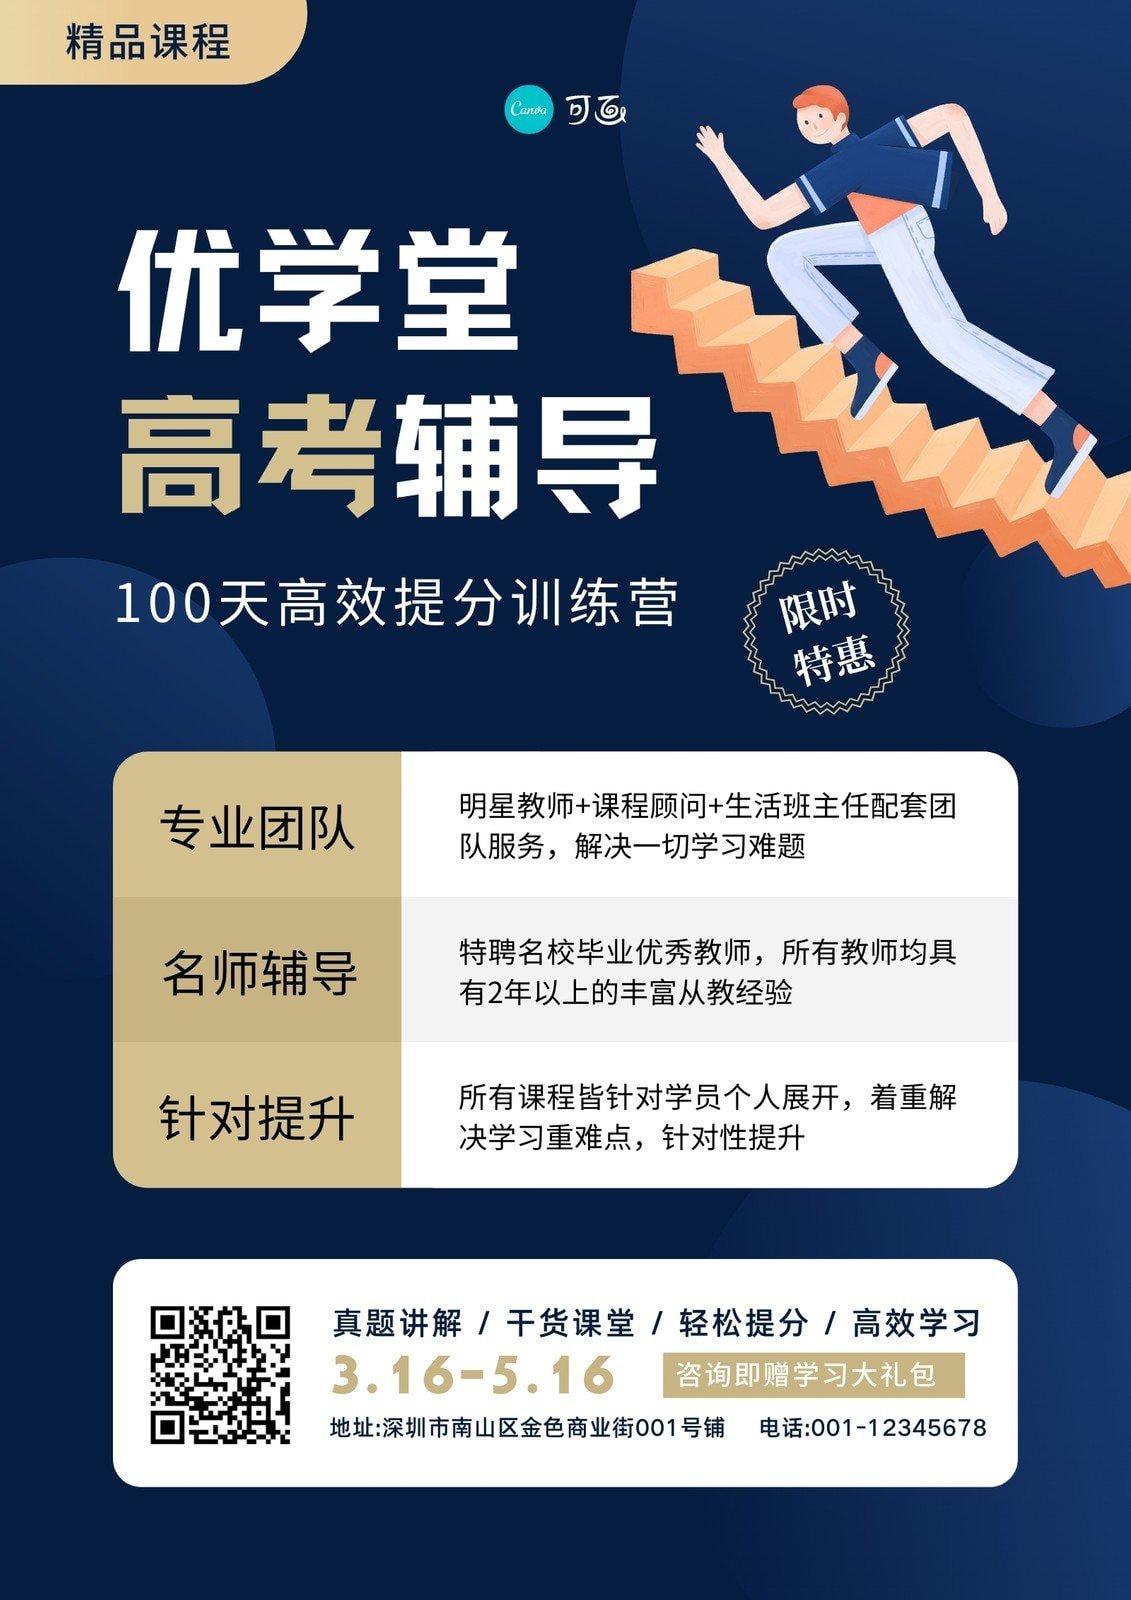 蓝金色高中高考辅导奔跑男孩插画简洁教育分享中文海报